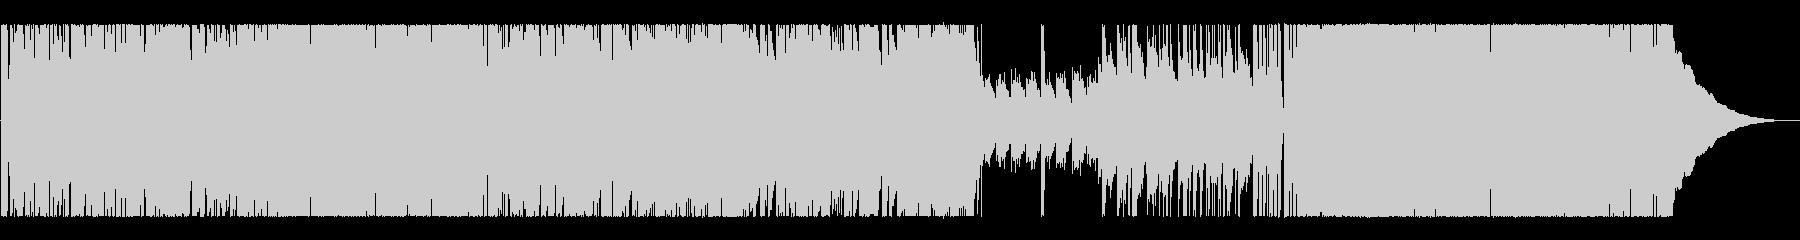 ピアノとドラムの軽快なBGMの未再生の波形